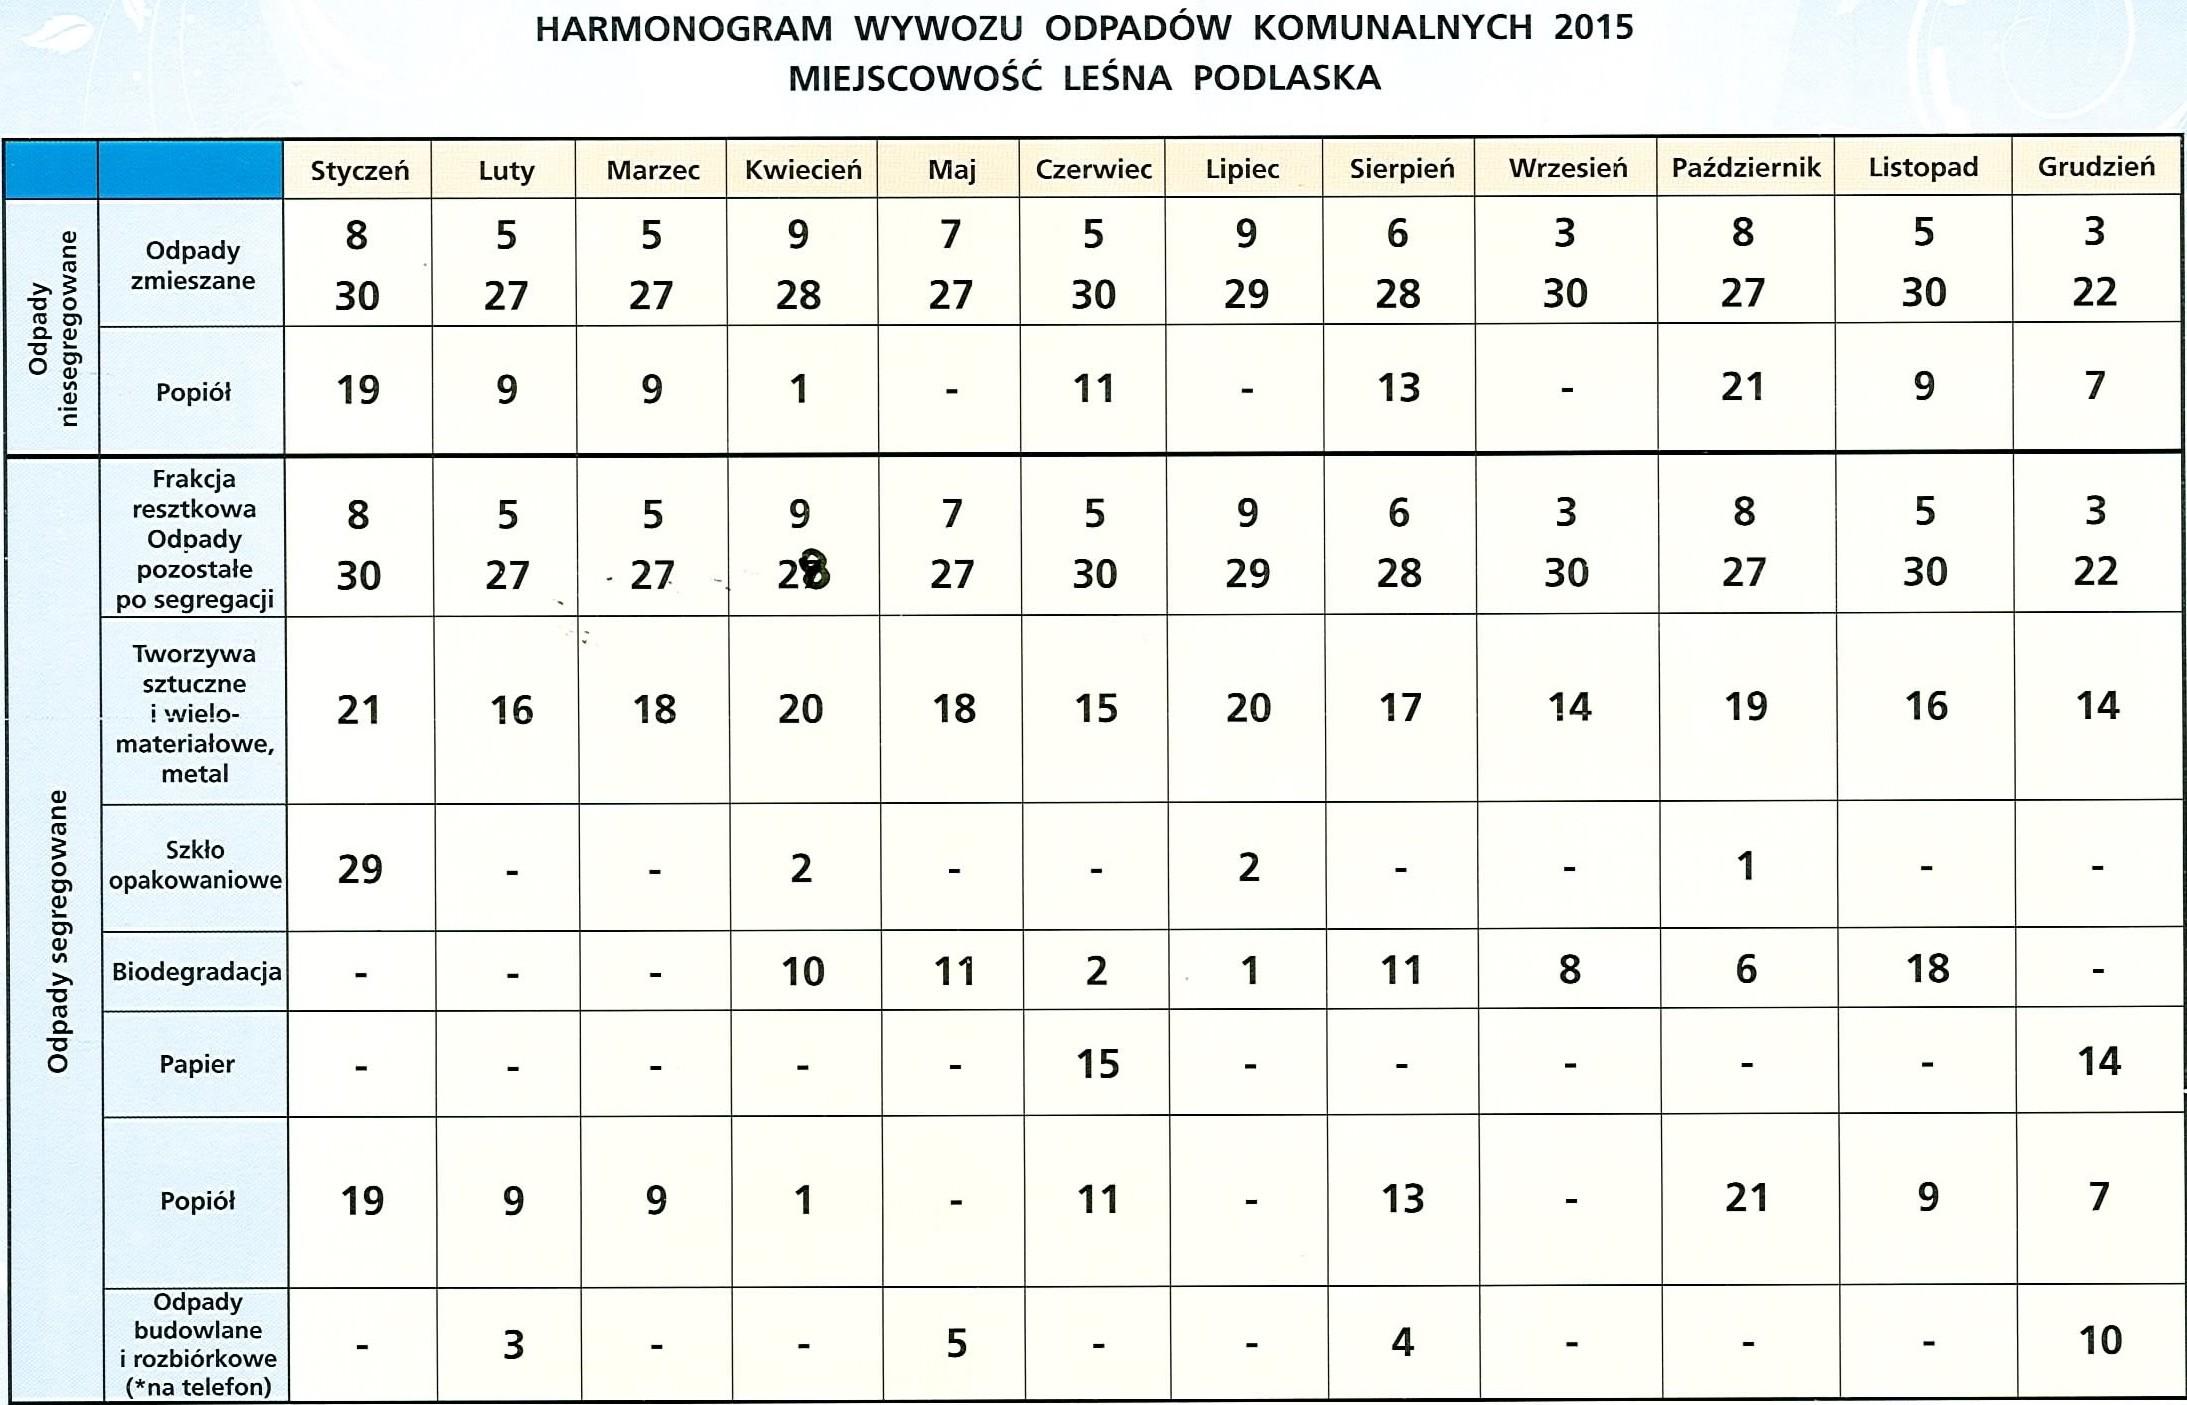 - 2015_harmonogram_odpadow_1.jpg